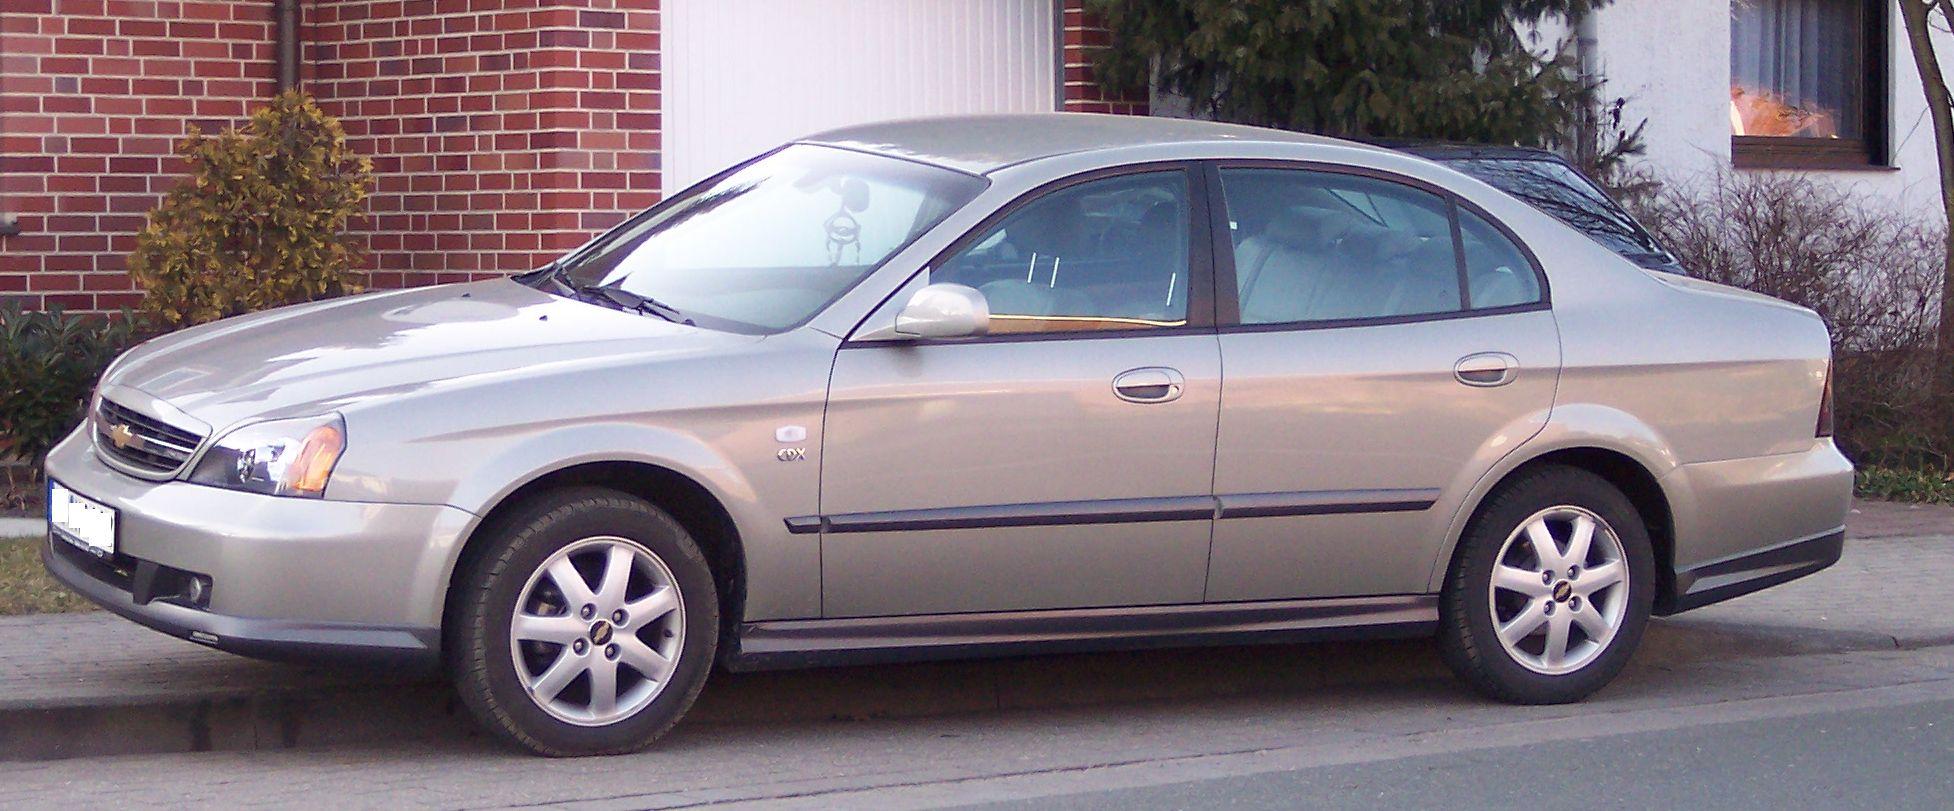 Chevrolet Epica Wikipedia